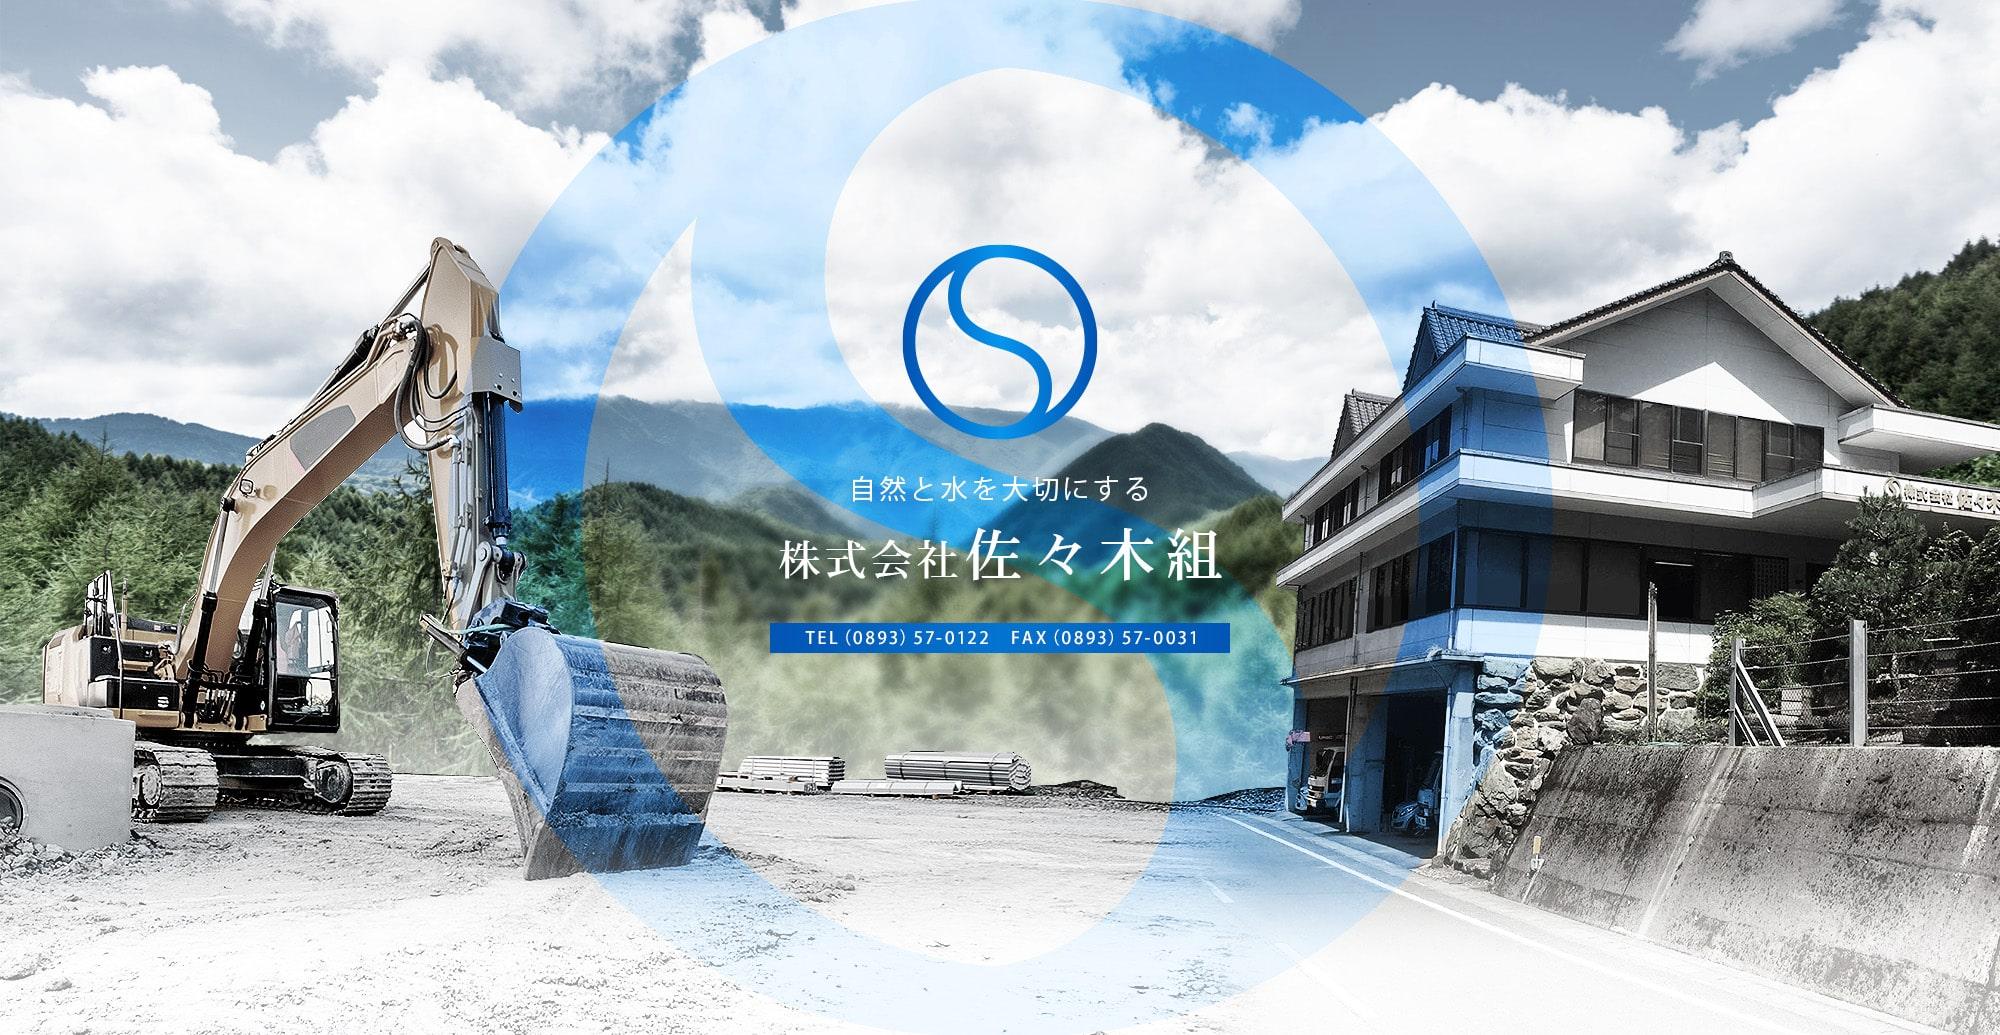 自然と水を大切にする株式会社佐々木組